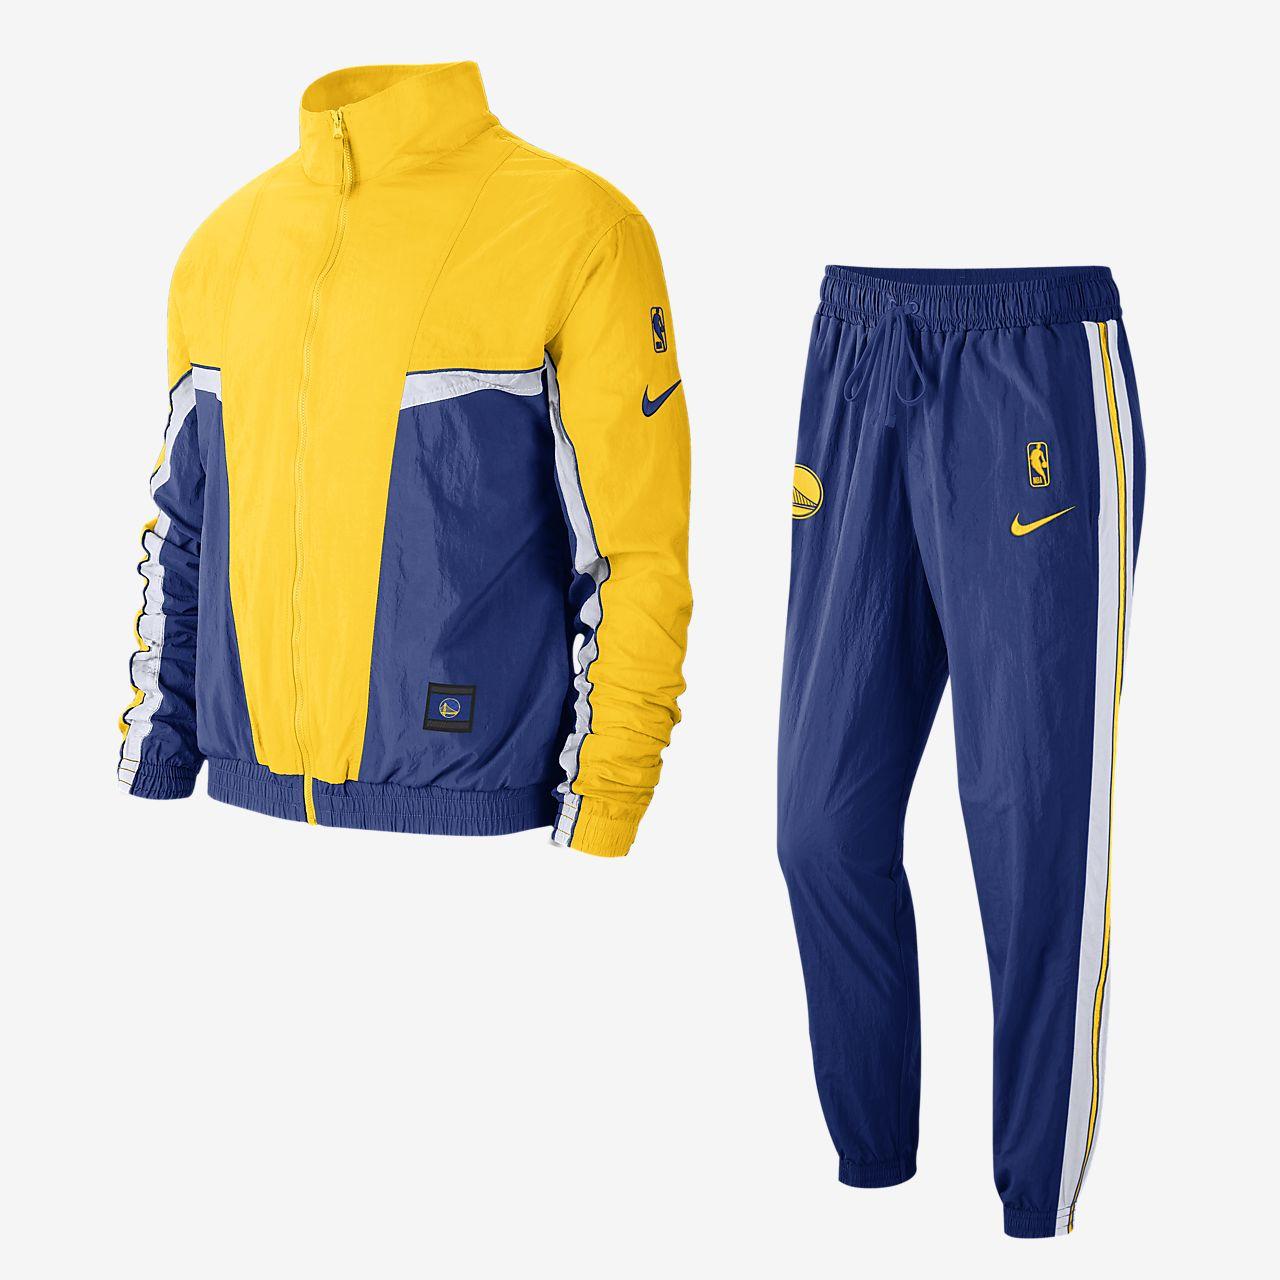 Golden State Warriors Courtside Nike NBA-Trainingsanzug für Herren